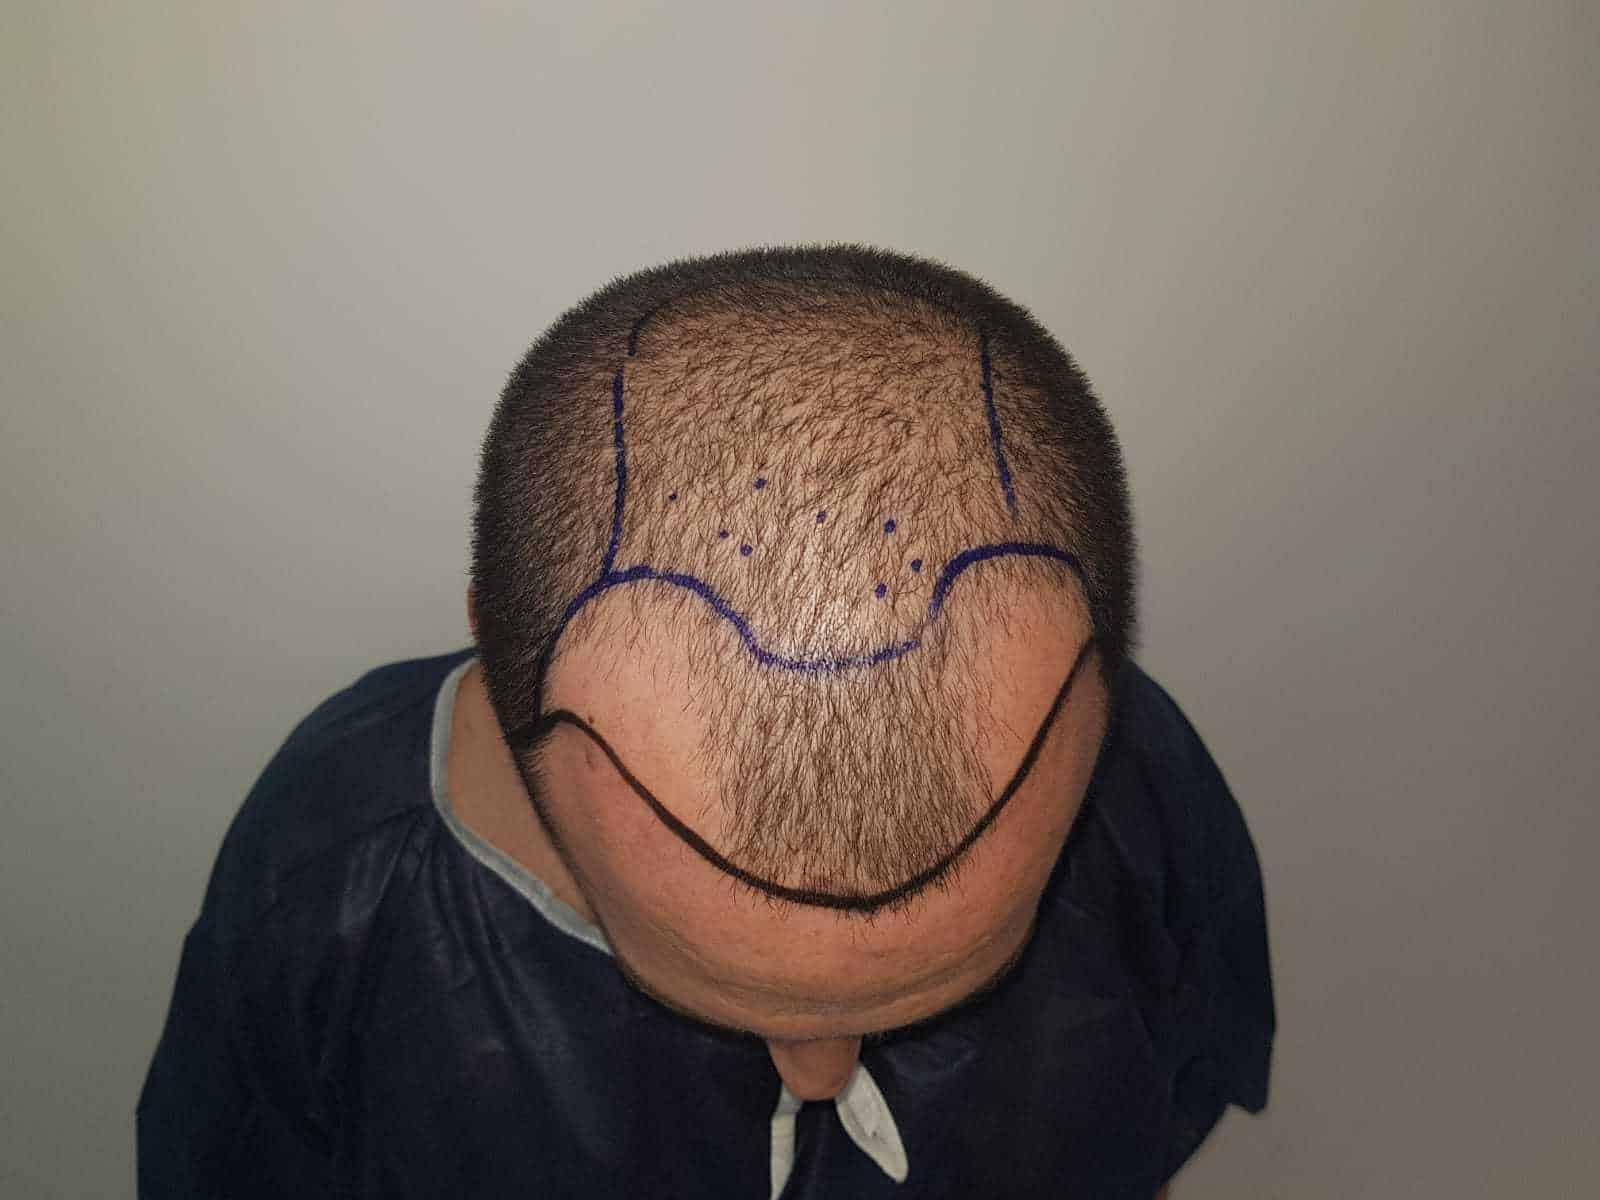 אבחון מקצועי לפני השתלת שיער